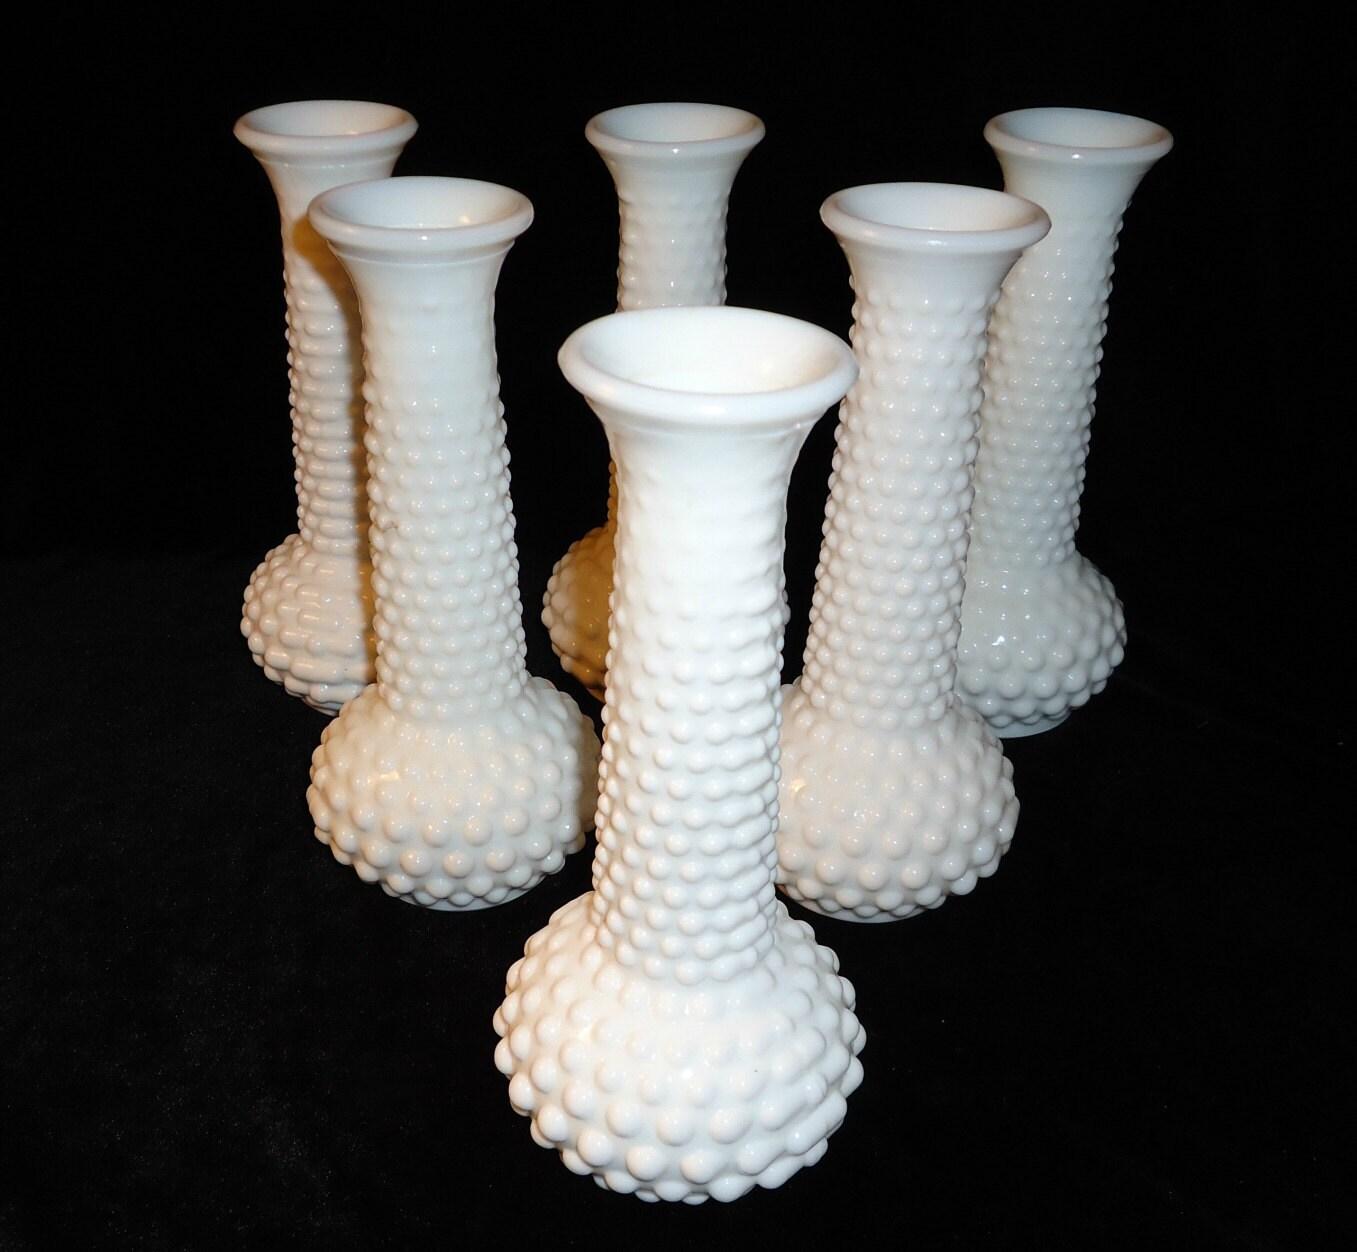 milk glass vase vintage hobnail vases collection of milk glass. Black Bedroom Furniture Sets. Home Design Ideas